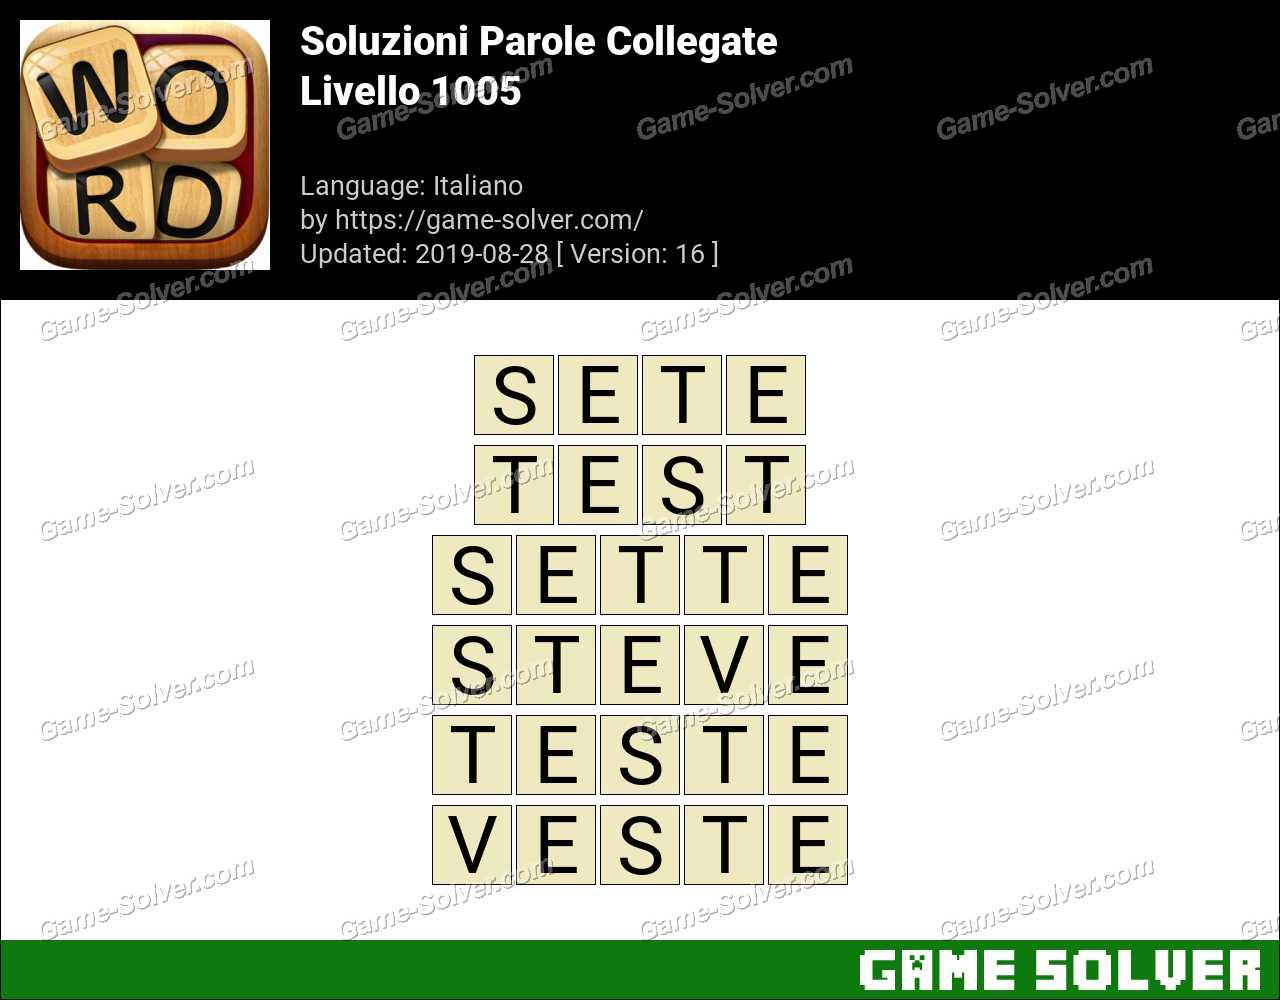 Soluzioni Parole Collegate Livello 1005